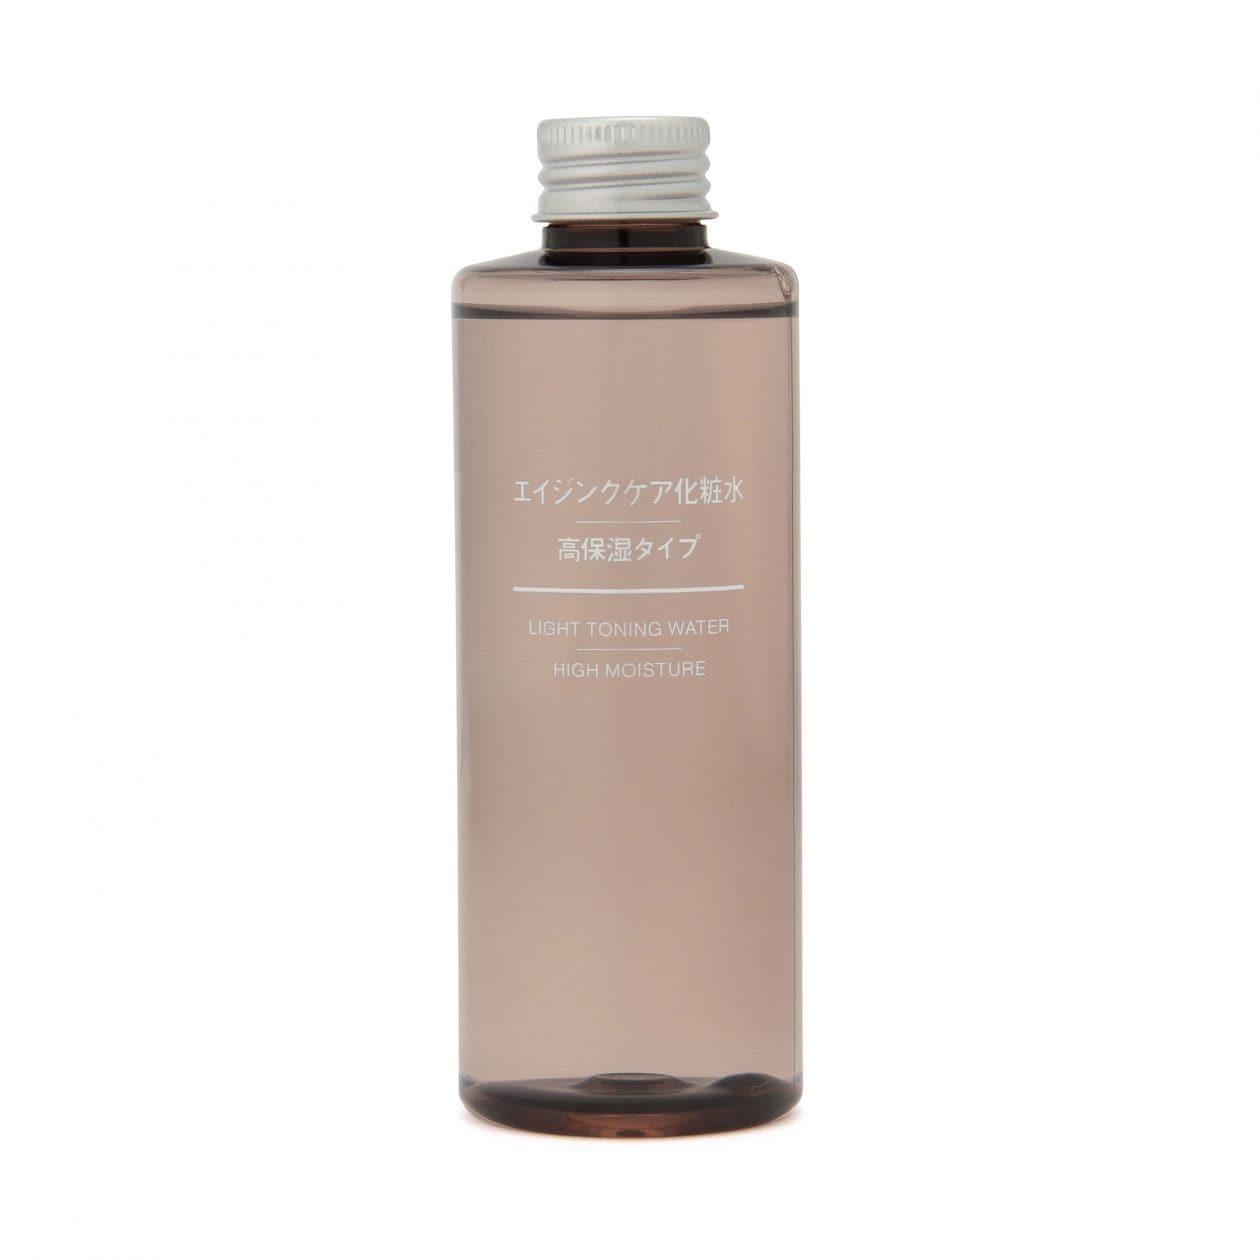 無印良品の「エイジングケア化粧水・高保湿タイプ」